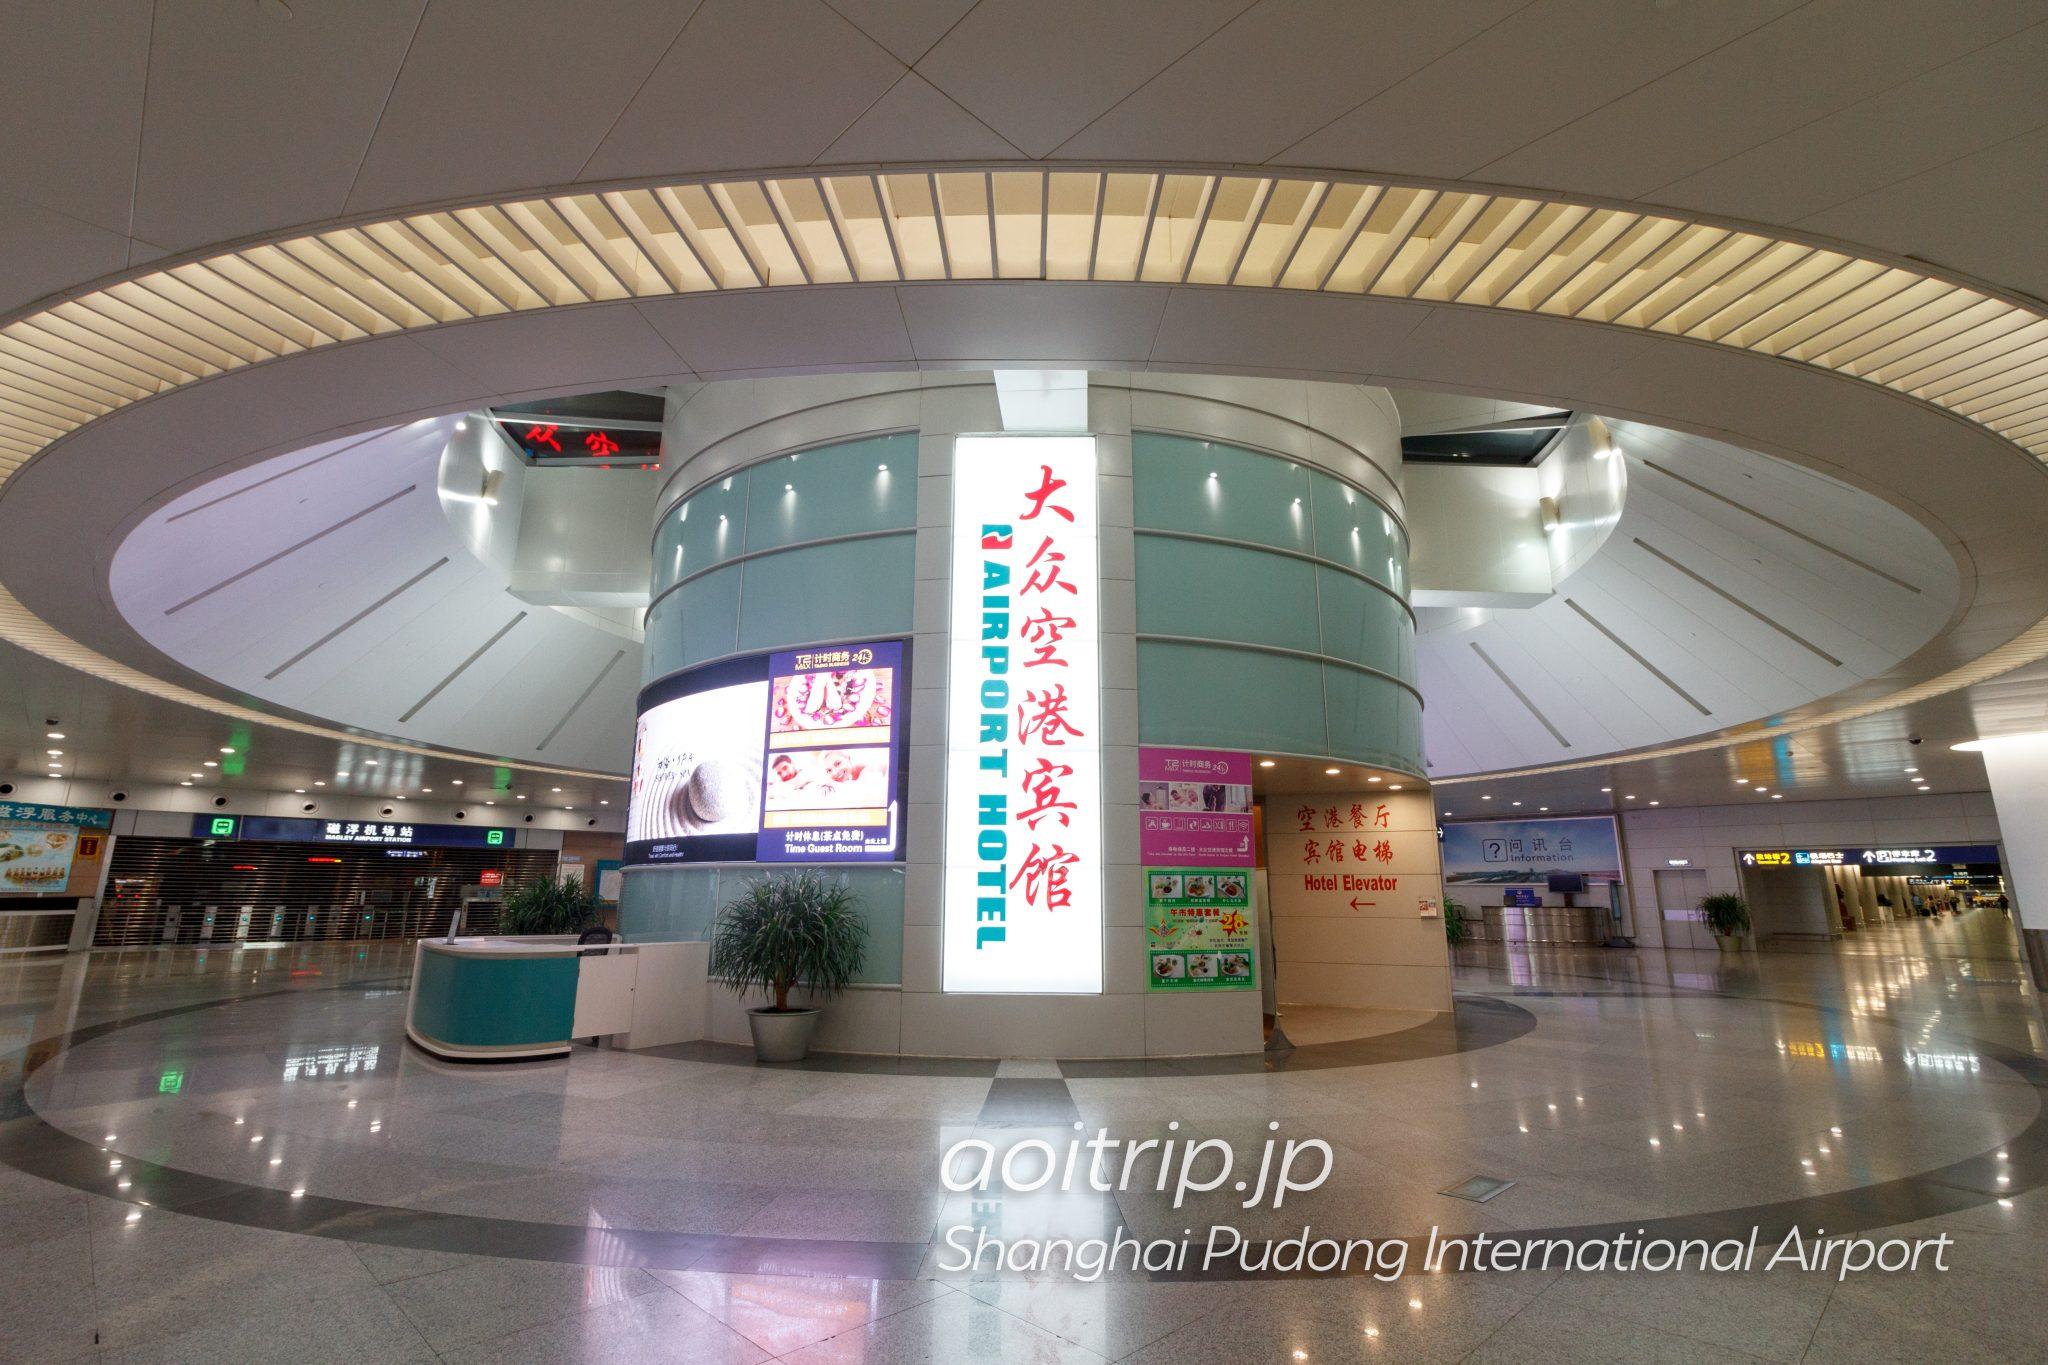 上海大衆空港賓館